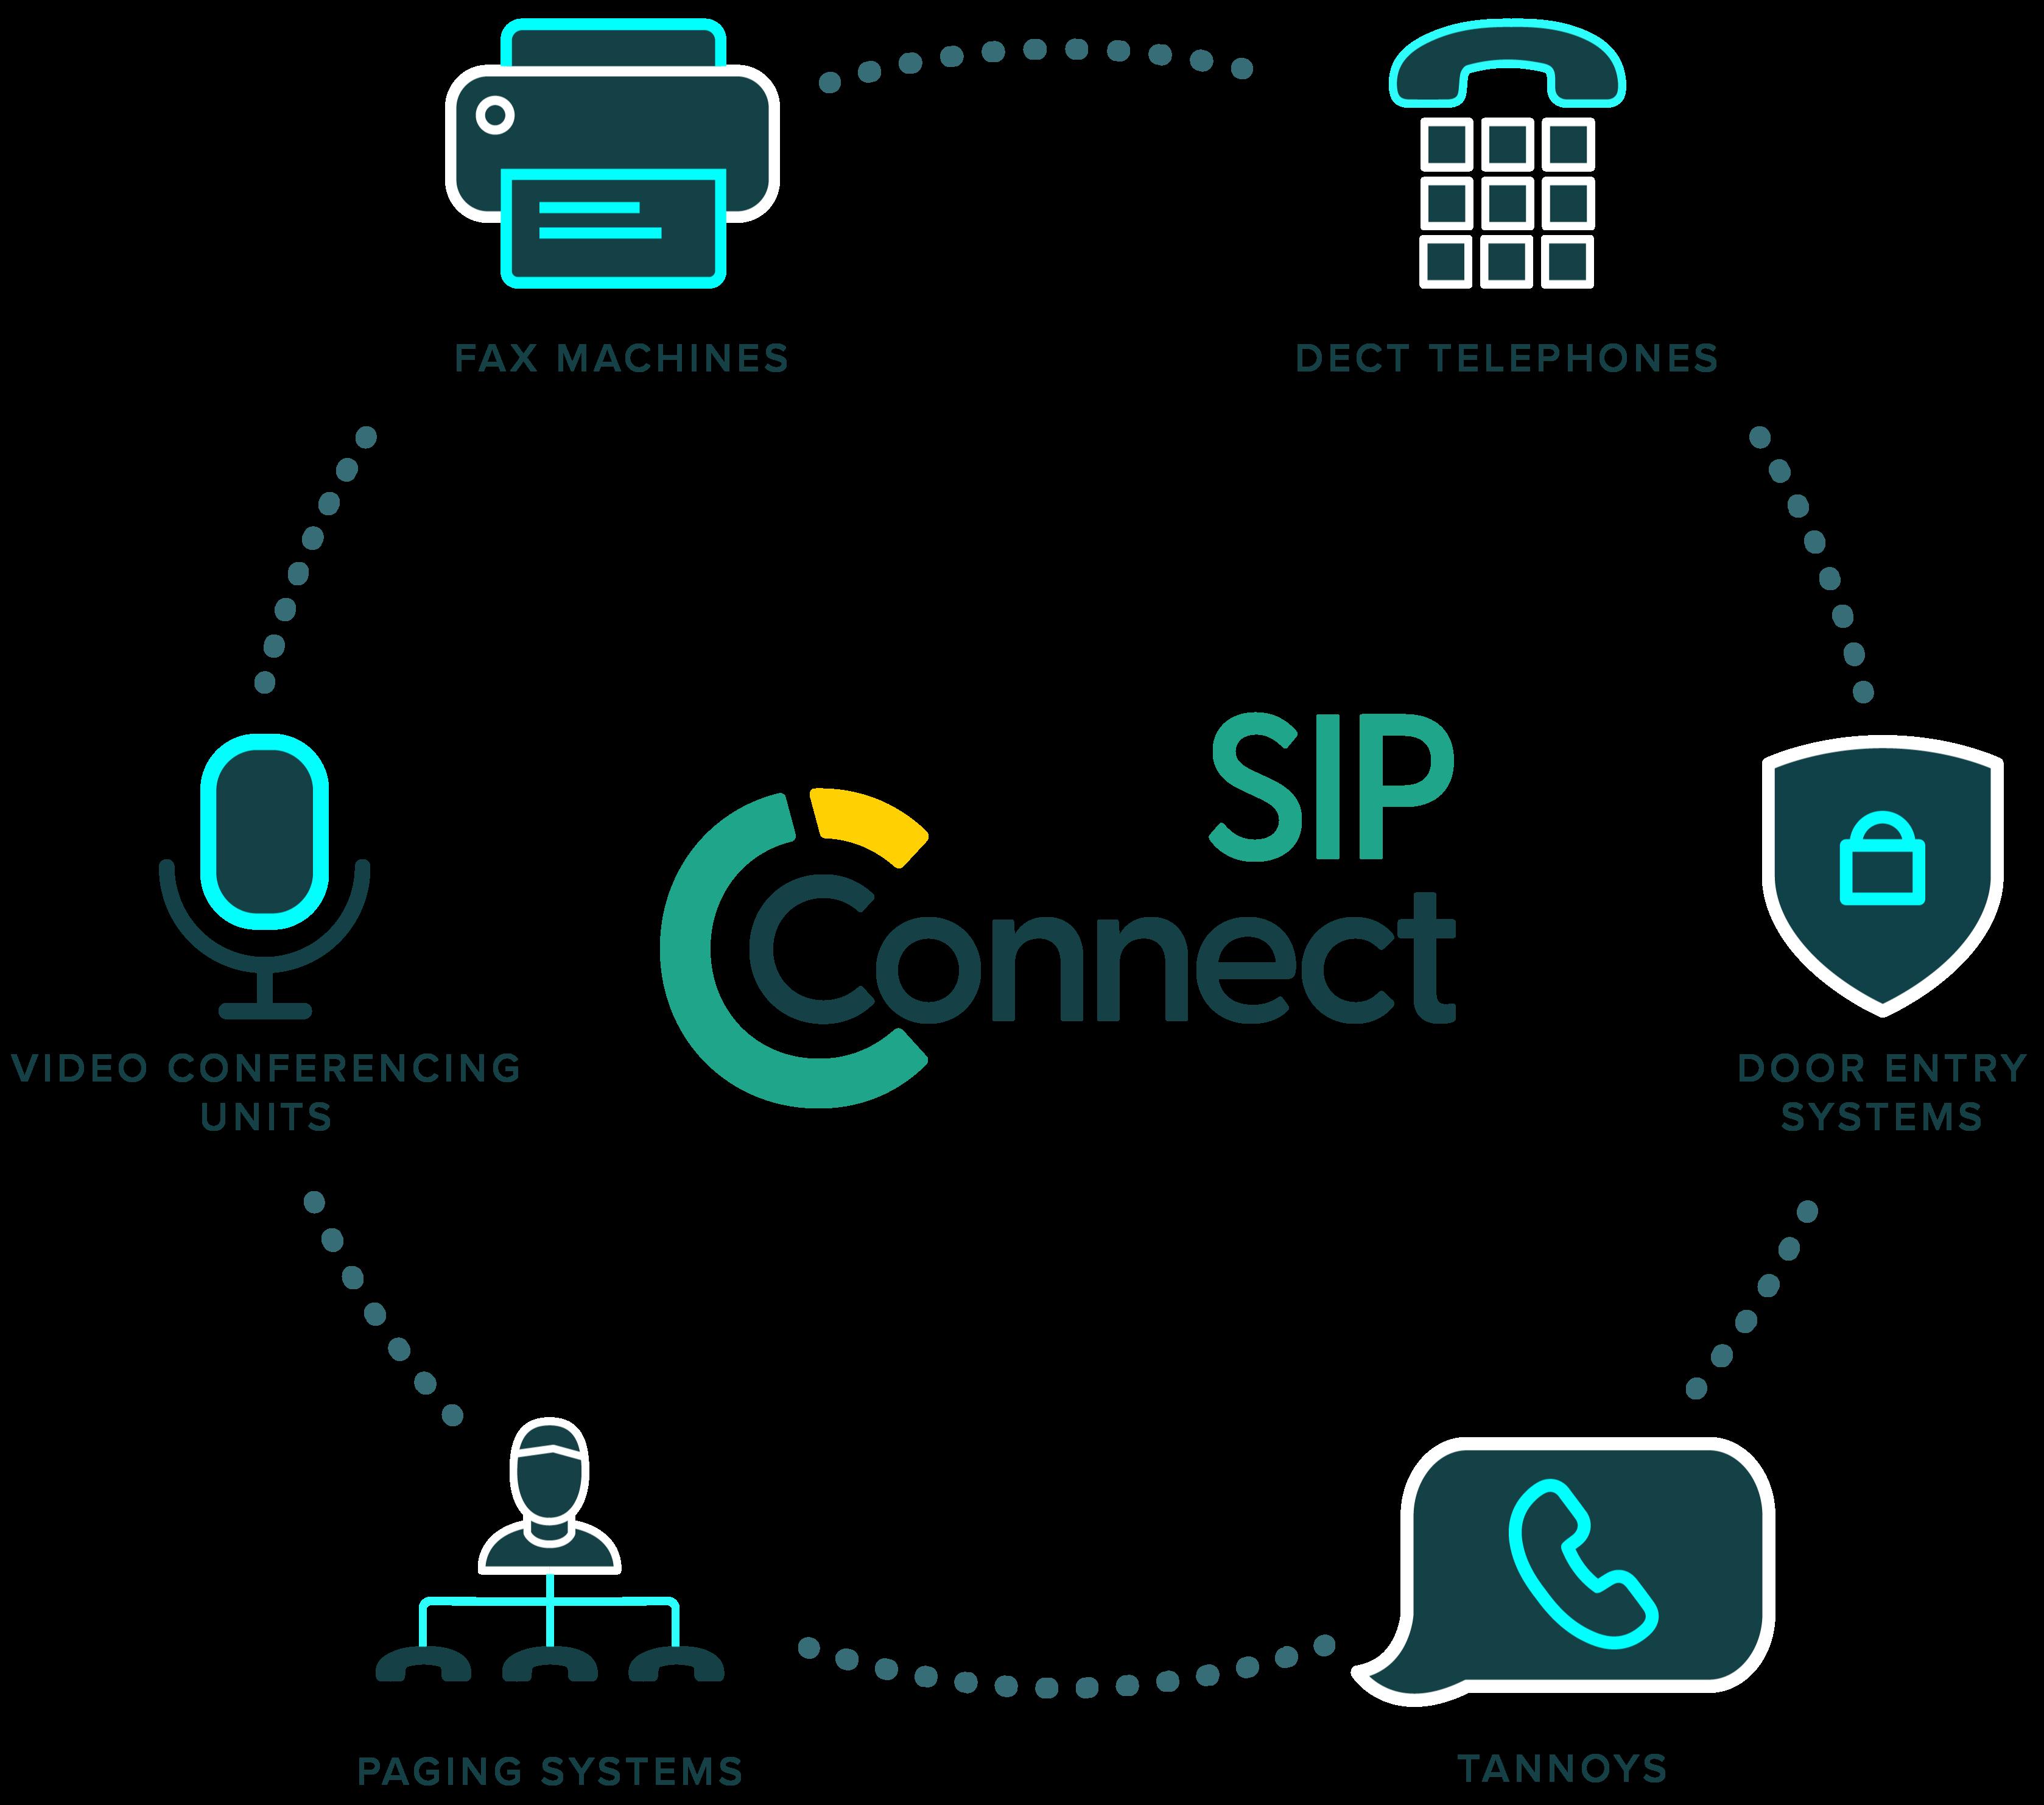 SIP Connect diagram - white_SIP Connect copy-1